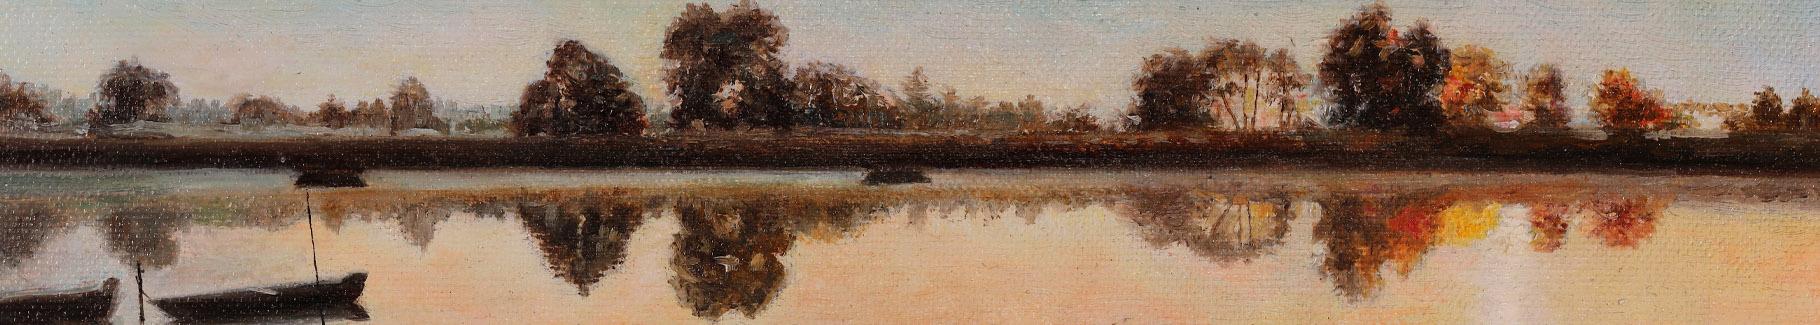 Obraz malarstwo o zachodzie słońca